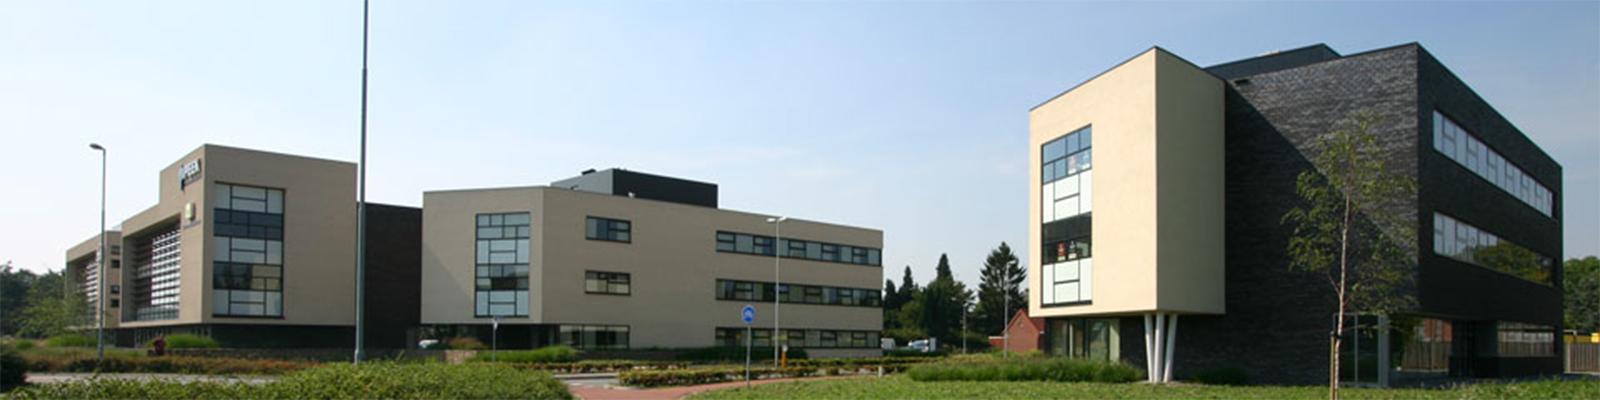 Nieuwbouw Veldhoven